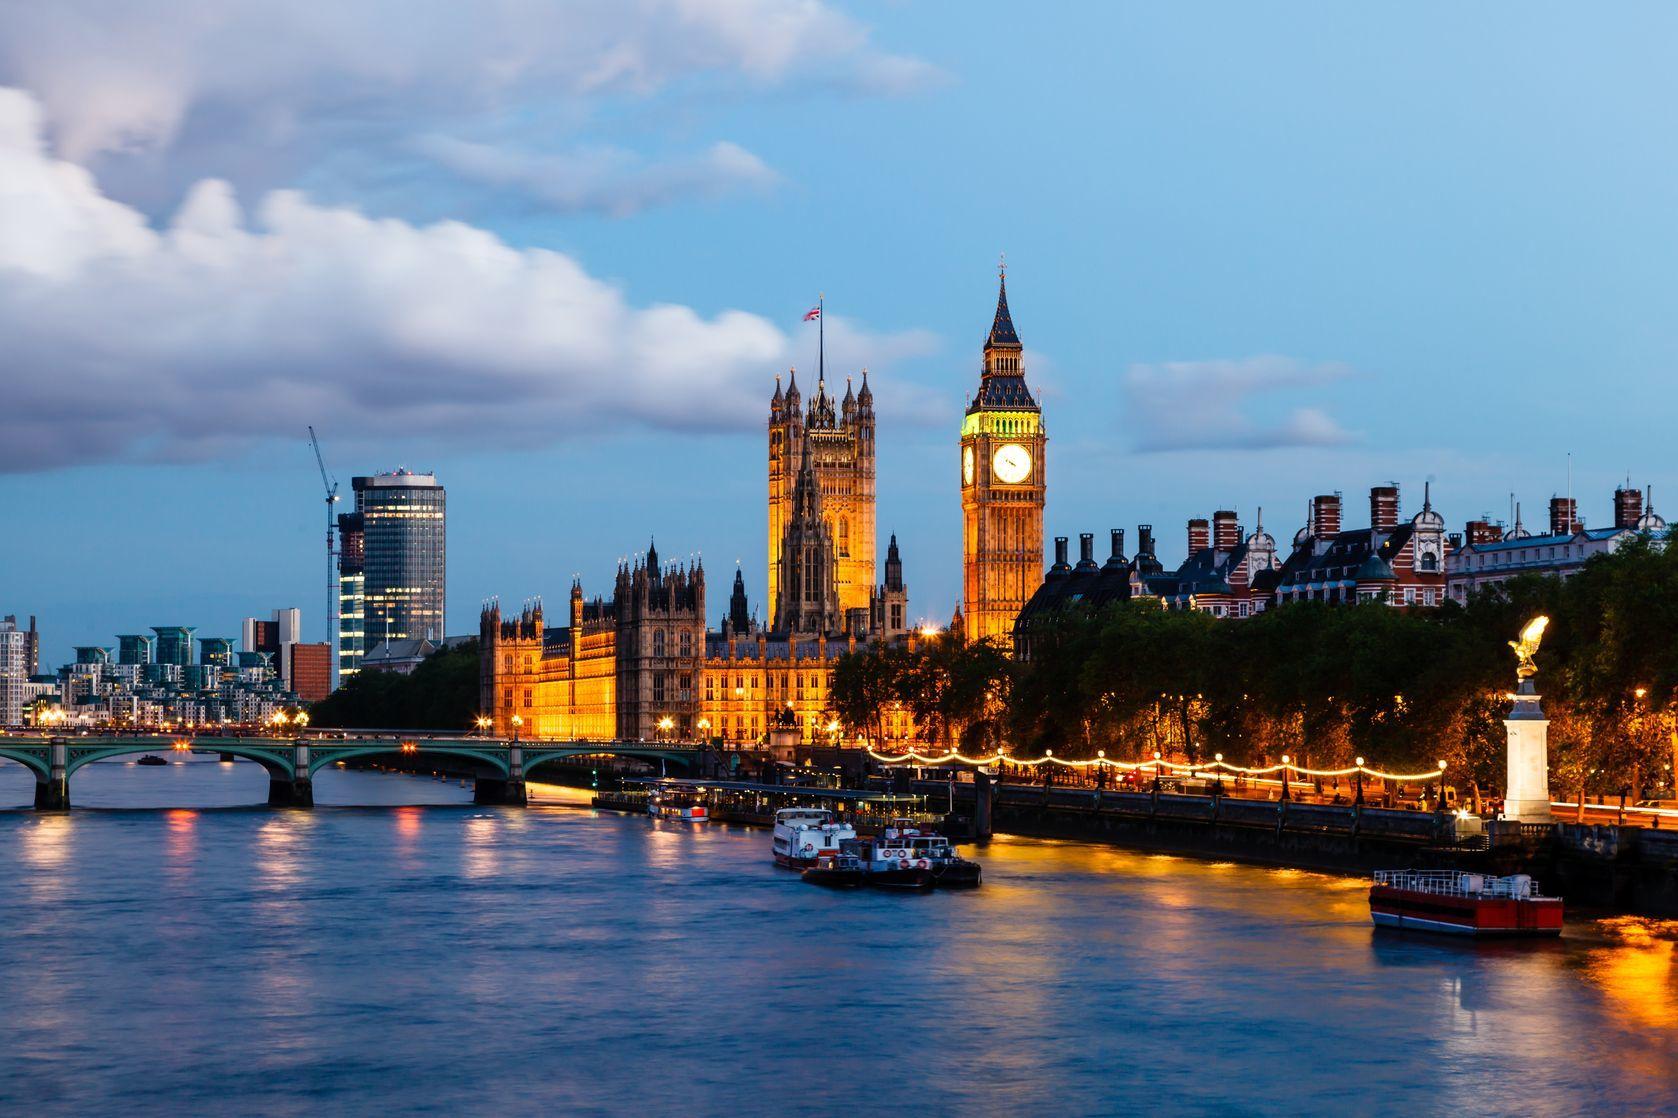 Noční panorama Londýnu   anshar/123RF.com